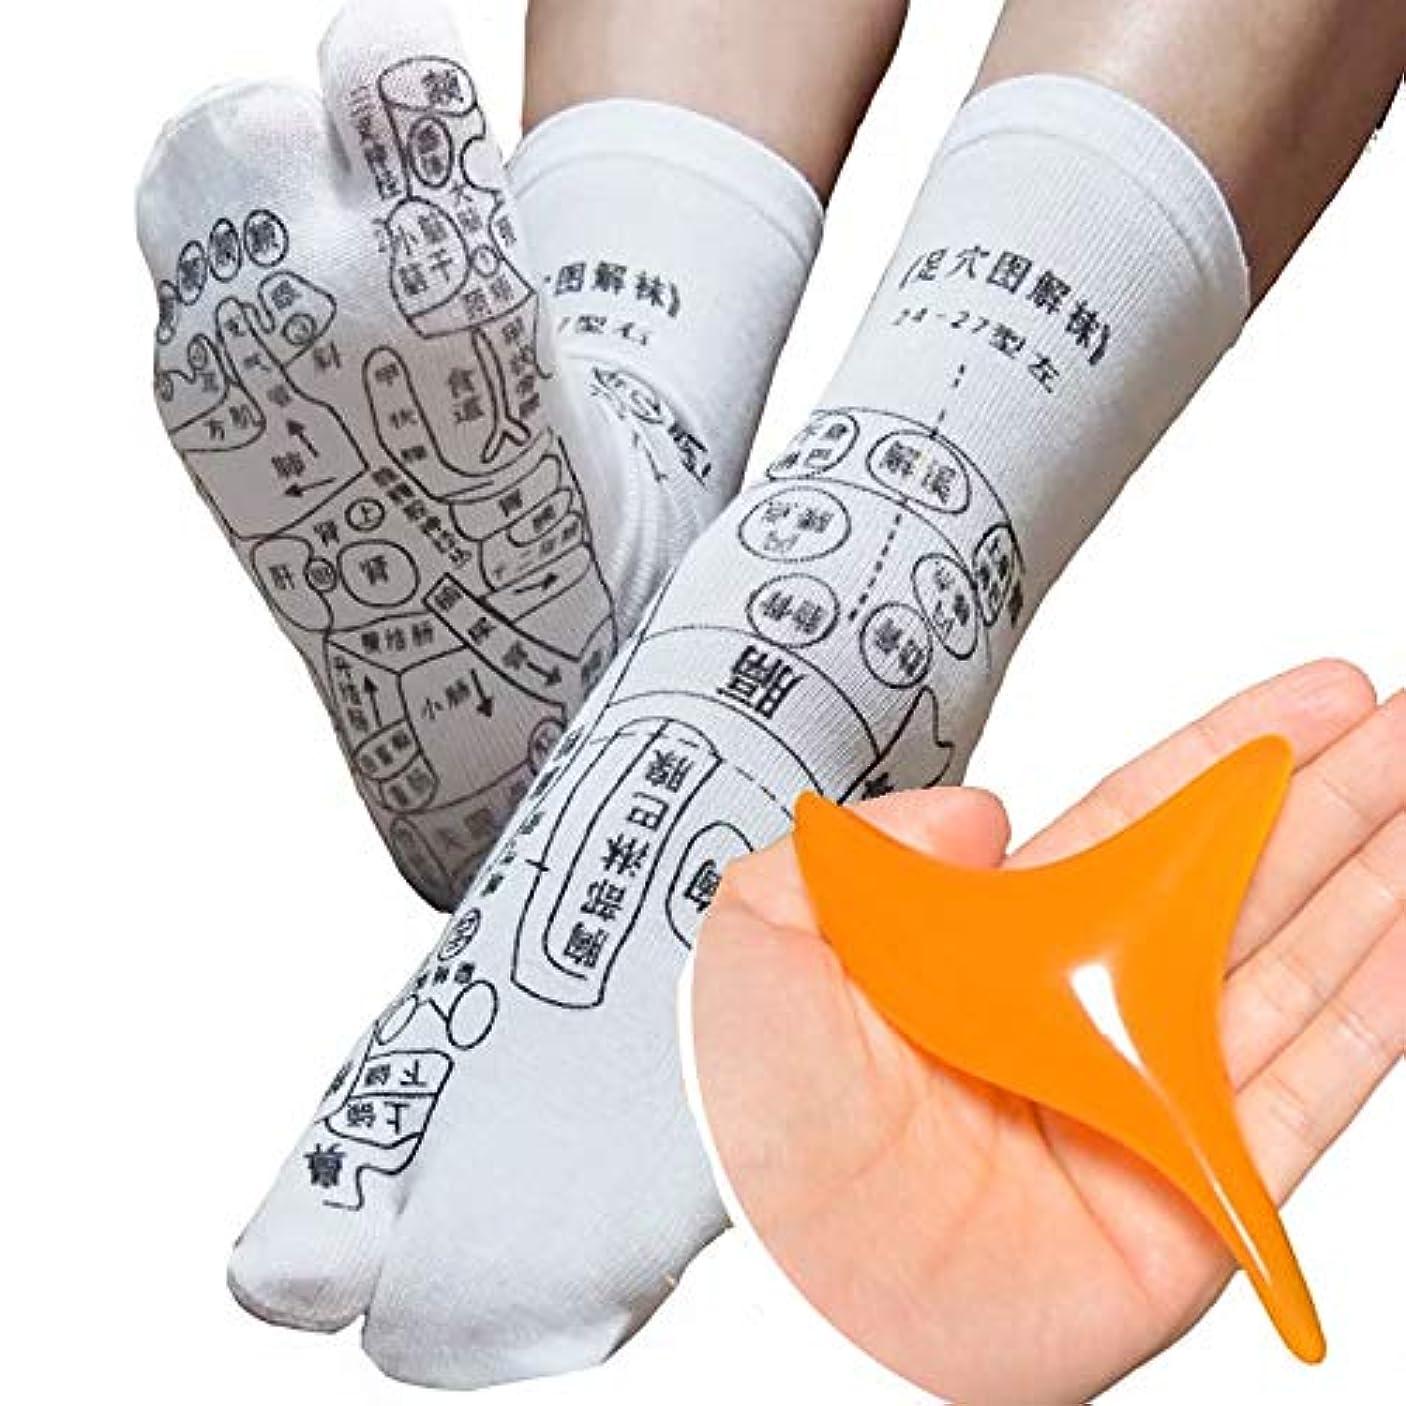 リスト湿った後ろに足全体のツボが「見える」プリントソックス オカリナ型カッサ付き 足裏つぼおしソックス 足ツボ靴下 反射区 サイズ22~26センチ 靴下の字は中国語